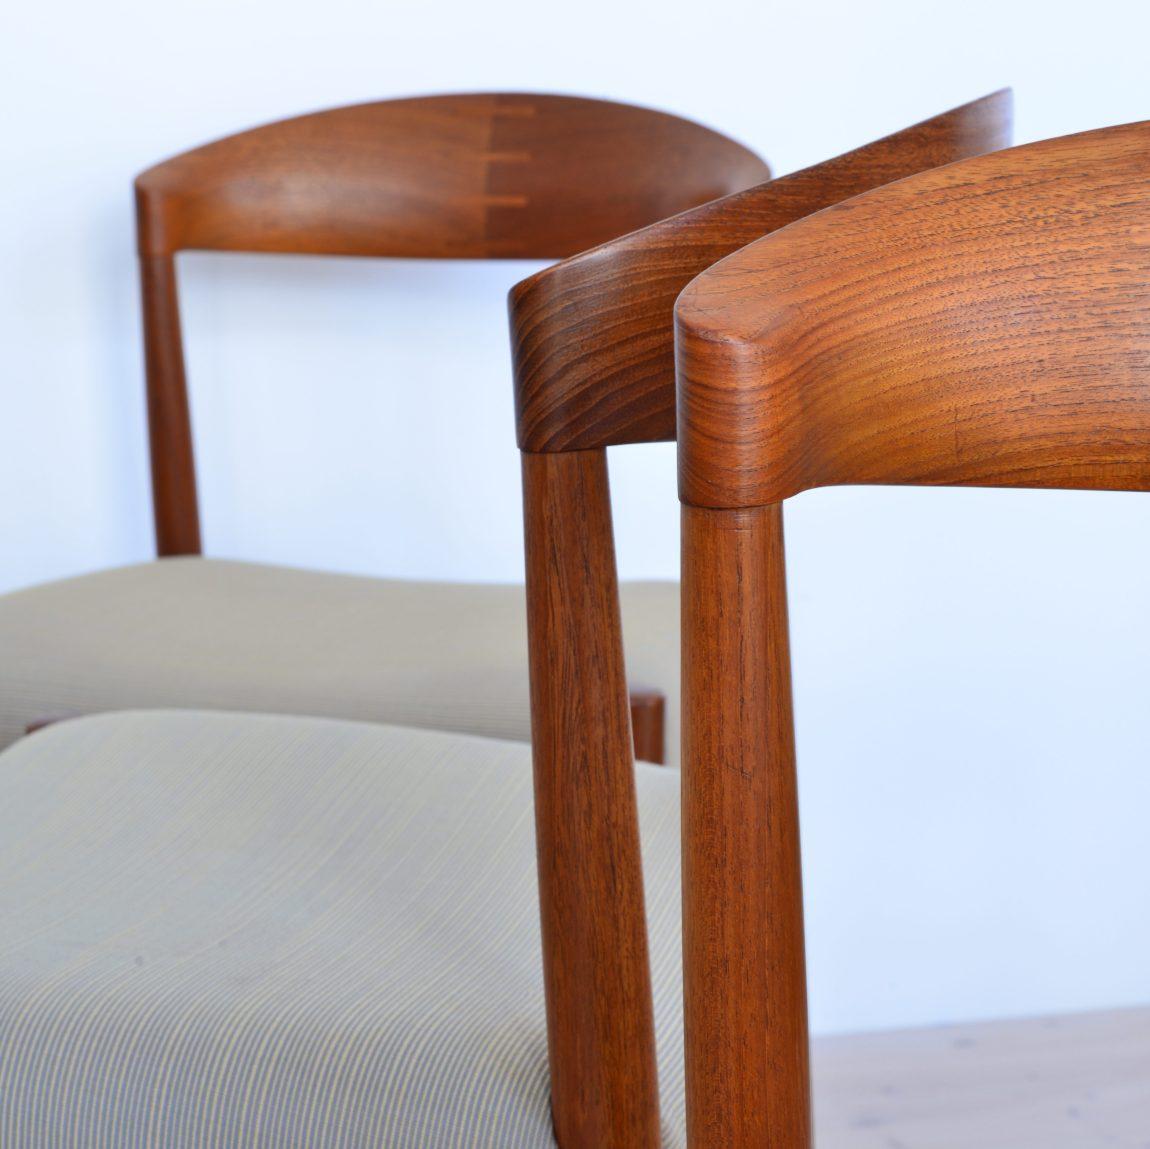 Knud Andersen Chairs 1960s Aarhus Denmark heyday möbel Mid-Century